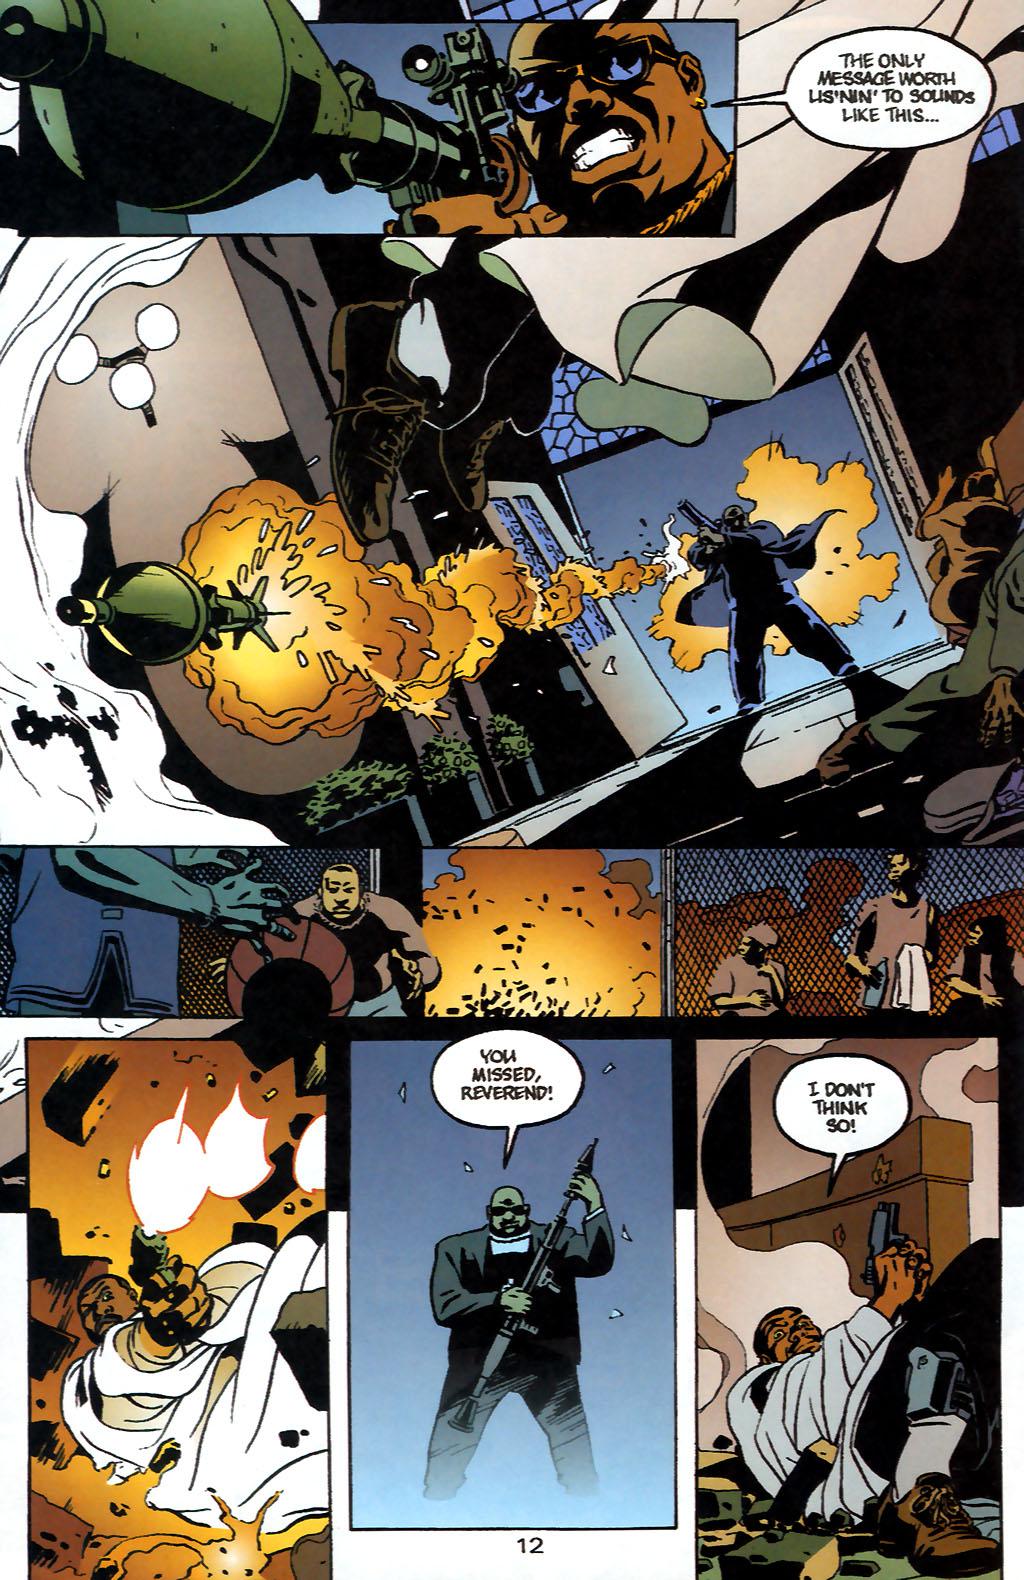 Human Target (1999) 1 Page 12